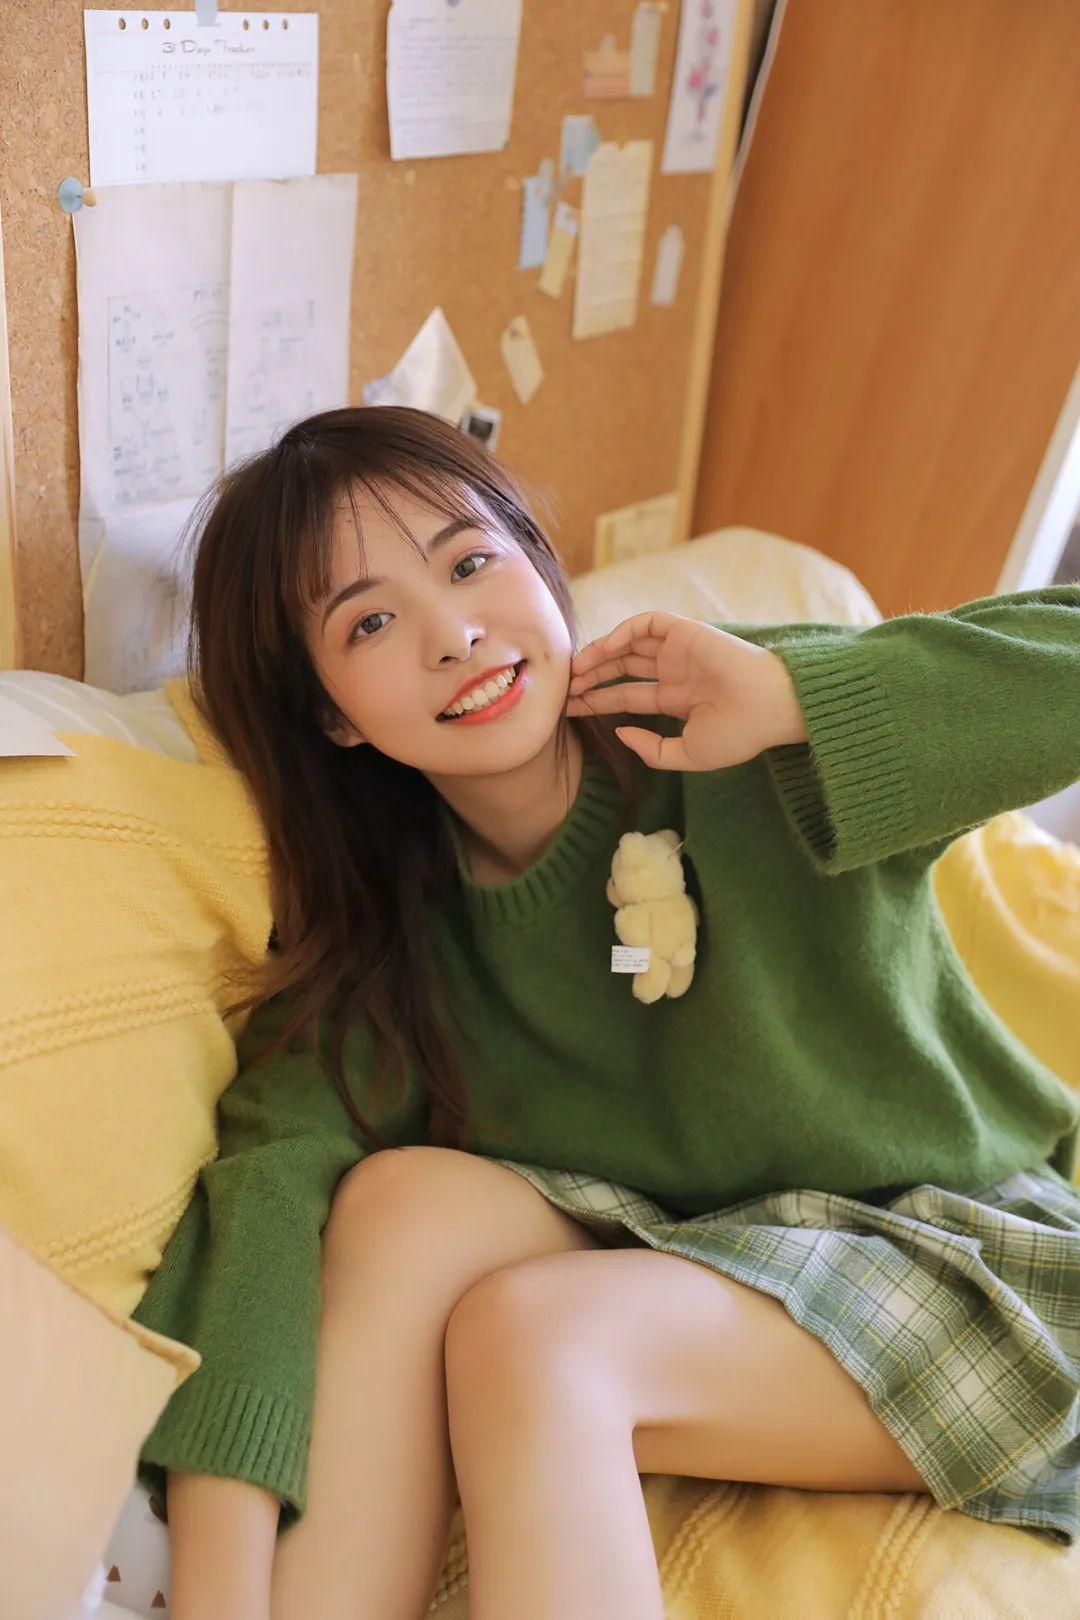 妹子摄影 – 甜美迷人短裙毛衣 美腿少女_图片 No.1